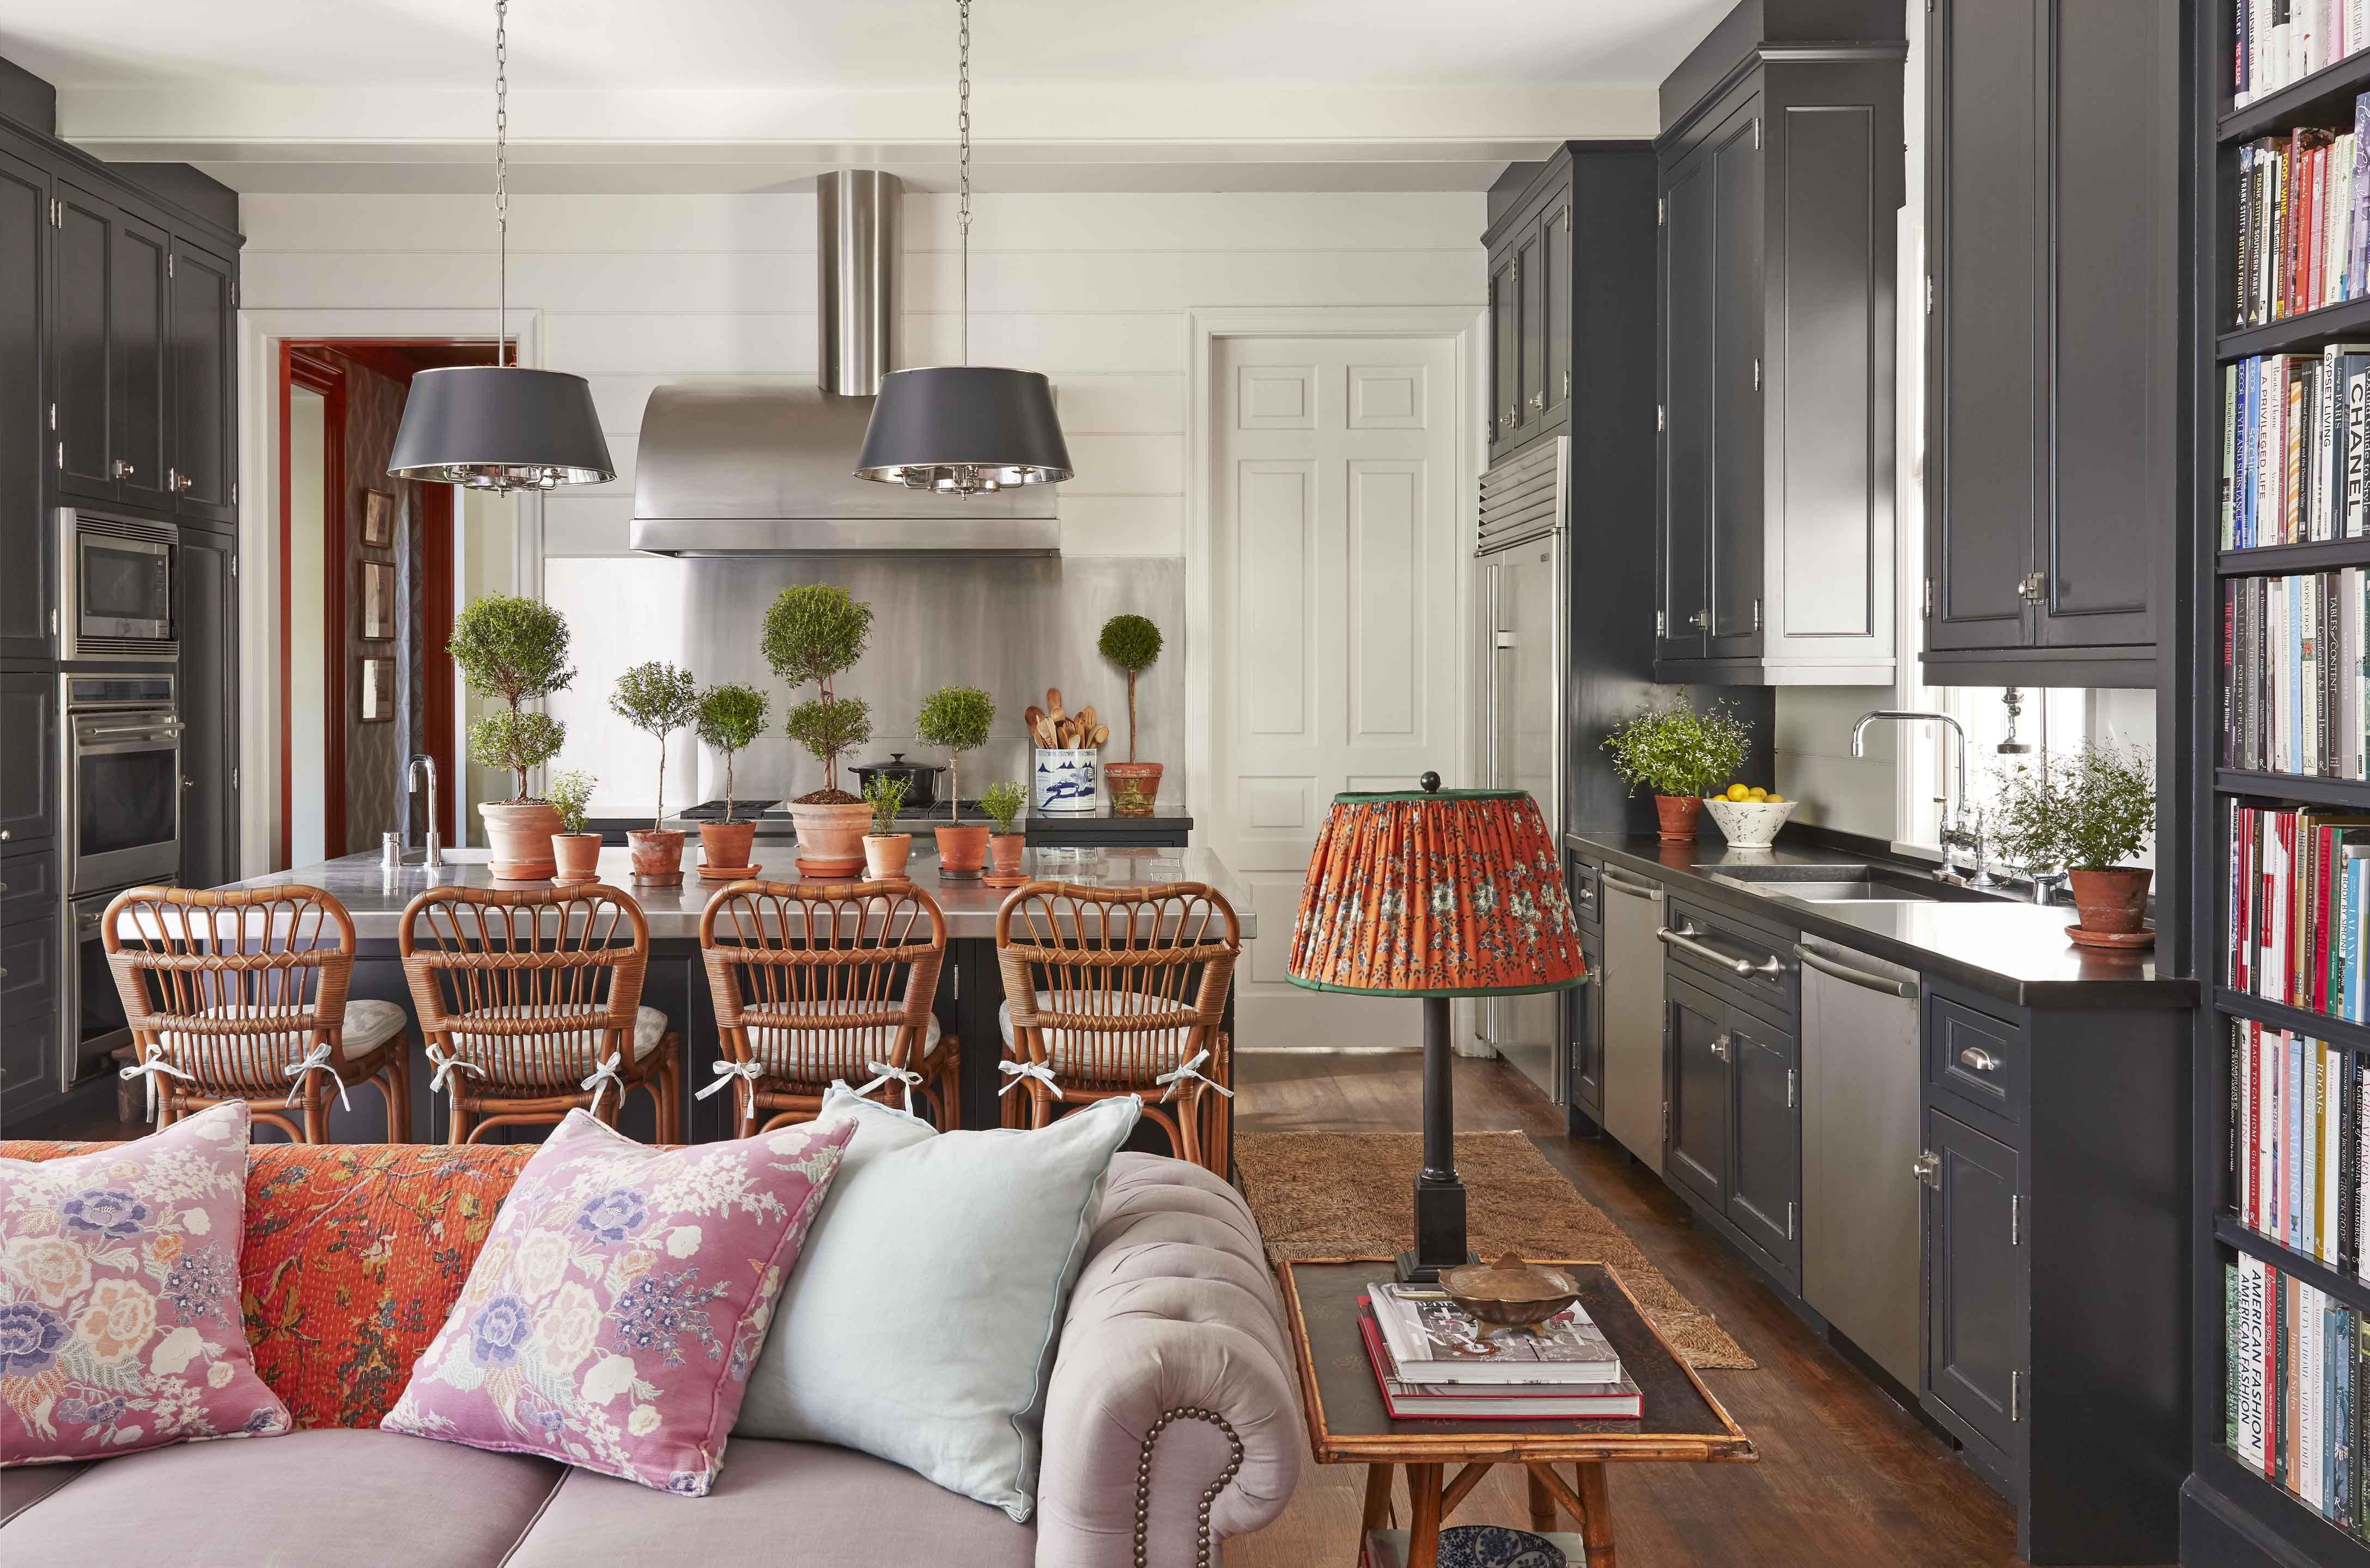 22 Best Kitchen Decor Ideas